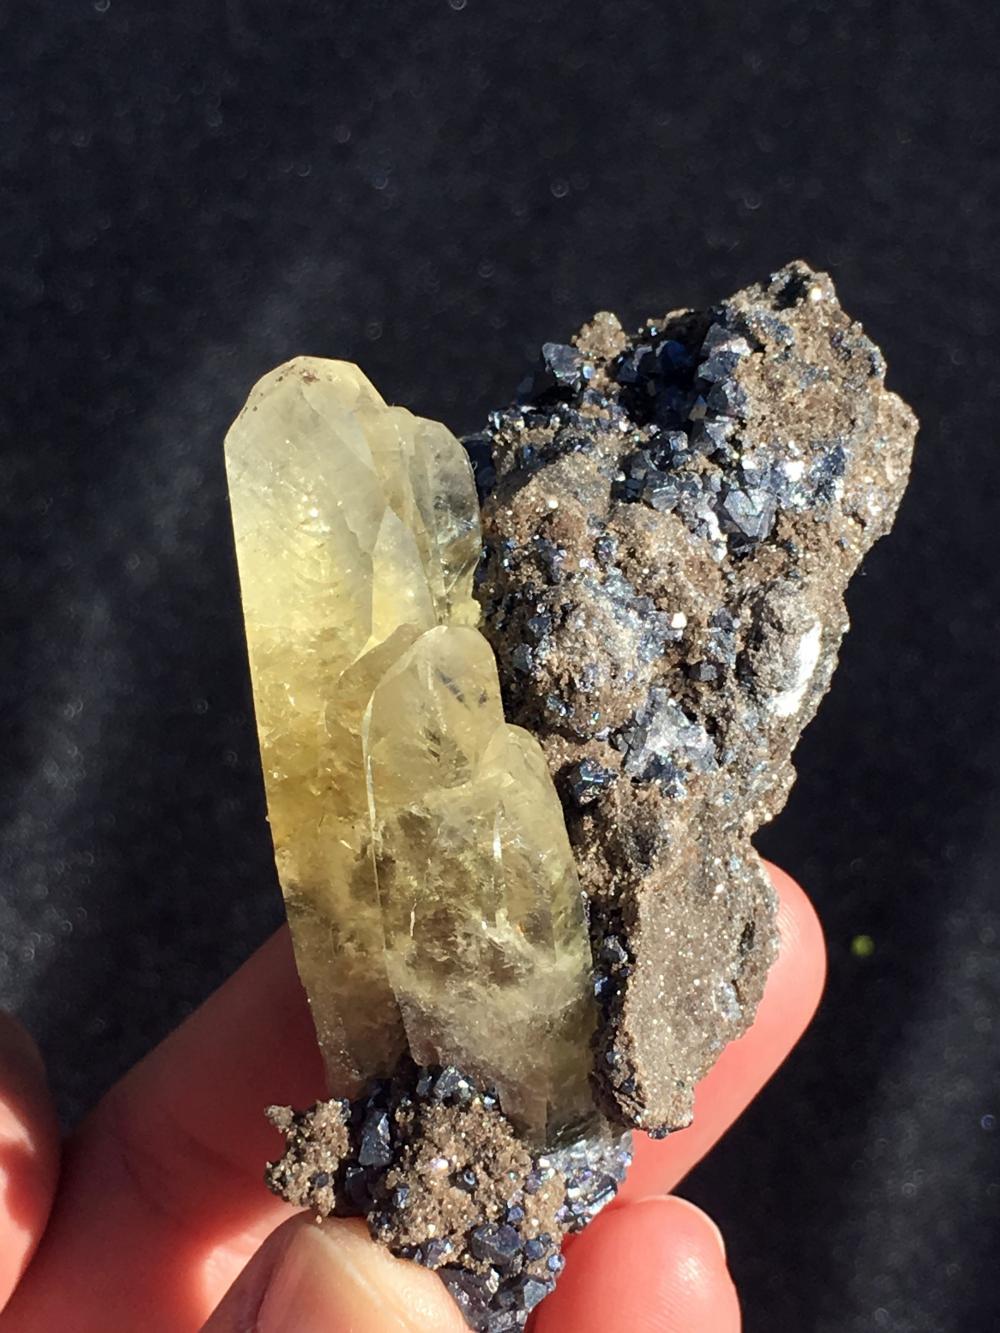 Lot 263: Galena, Calcite, Rock, Crystal, Natural, Mineral, Specimen, Viburnum